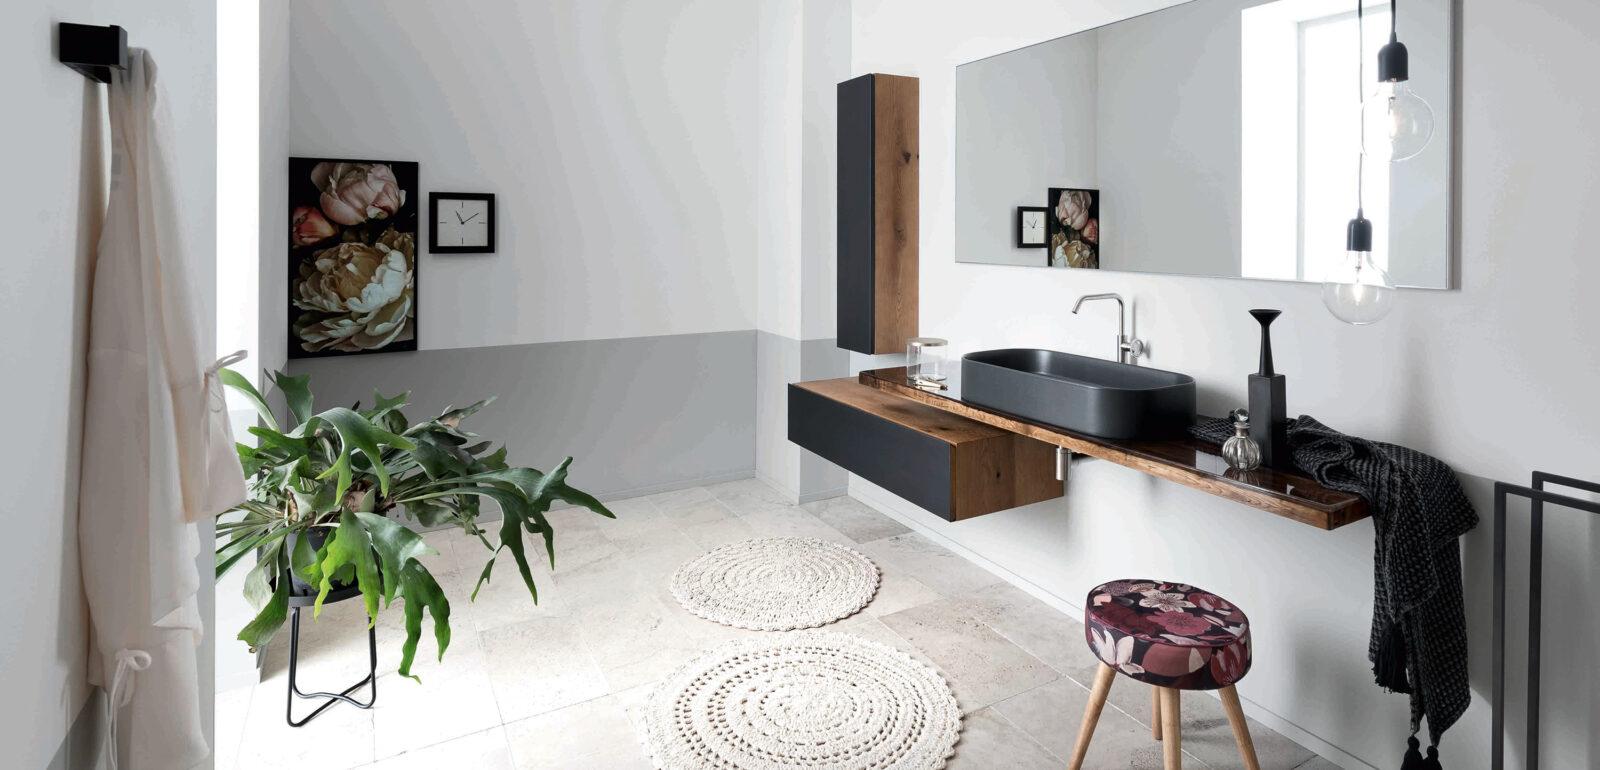 arredo bagno Alta Corte Ecobath Gap2 top resinato base cassetto pensile verticale specchiera lavabo